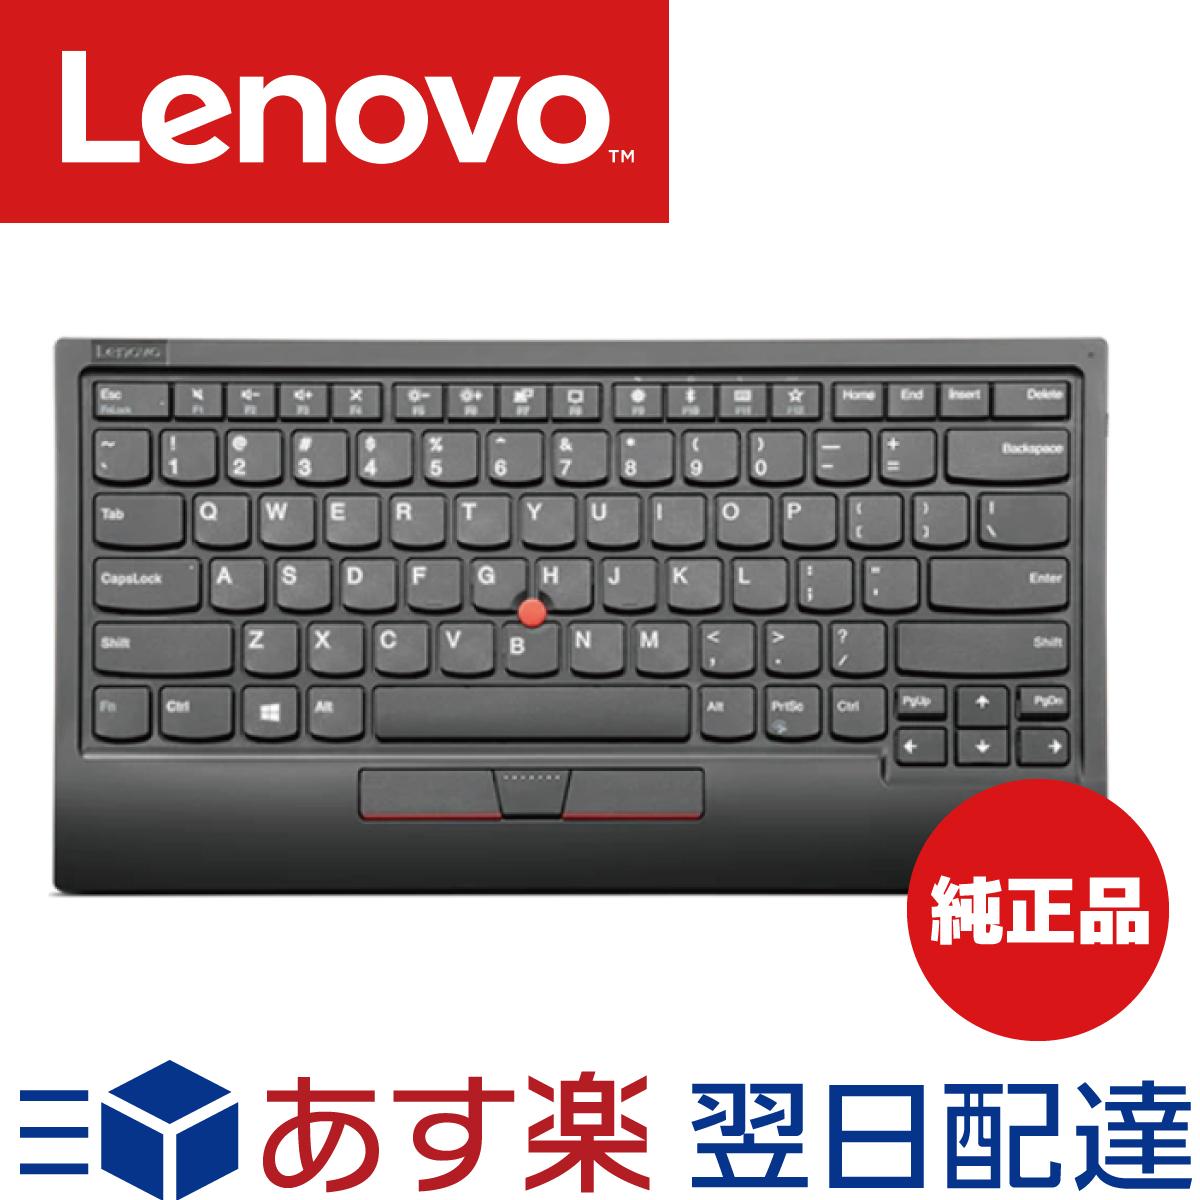 あす楽 送料無料 ポイント消化 メーカー1年保証 Lenovo レノボ Bluetooth 新作からSALEアイテム等お得な商品満載 トラックポイント キーボード 純正品 マウス ジャパン 4Y40X49493 特別セール品 ThinkPad